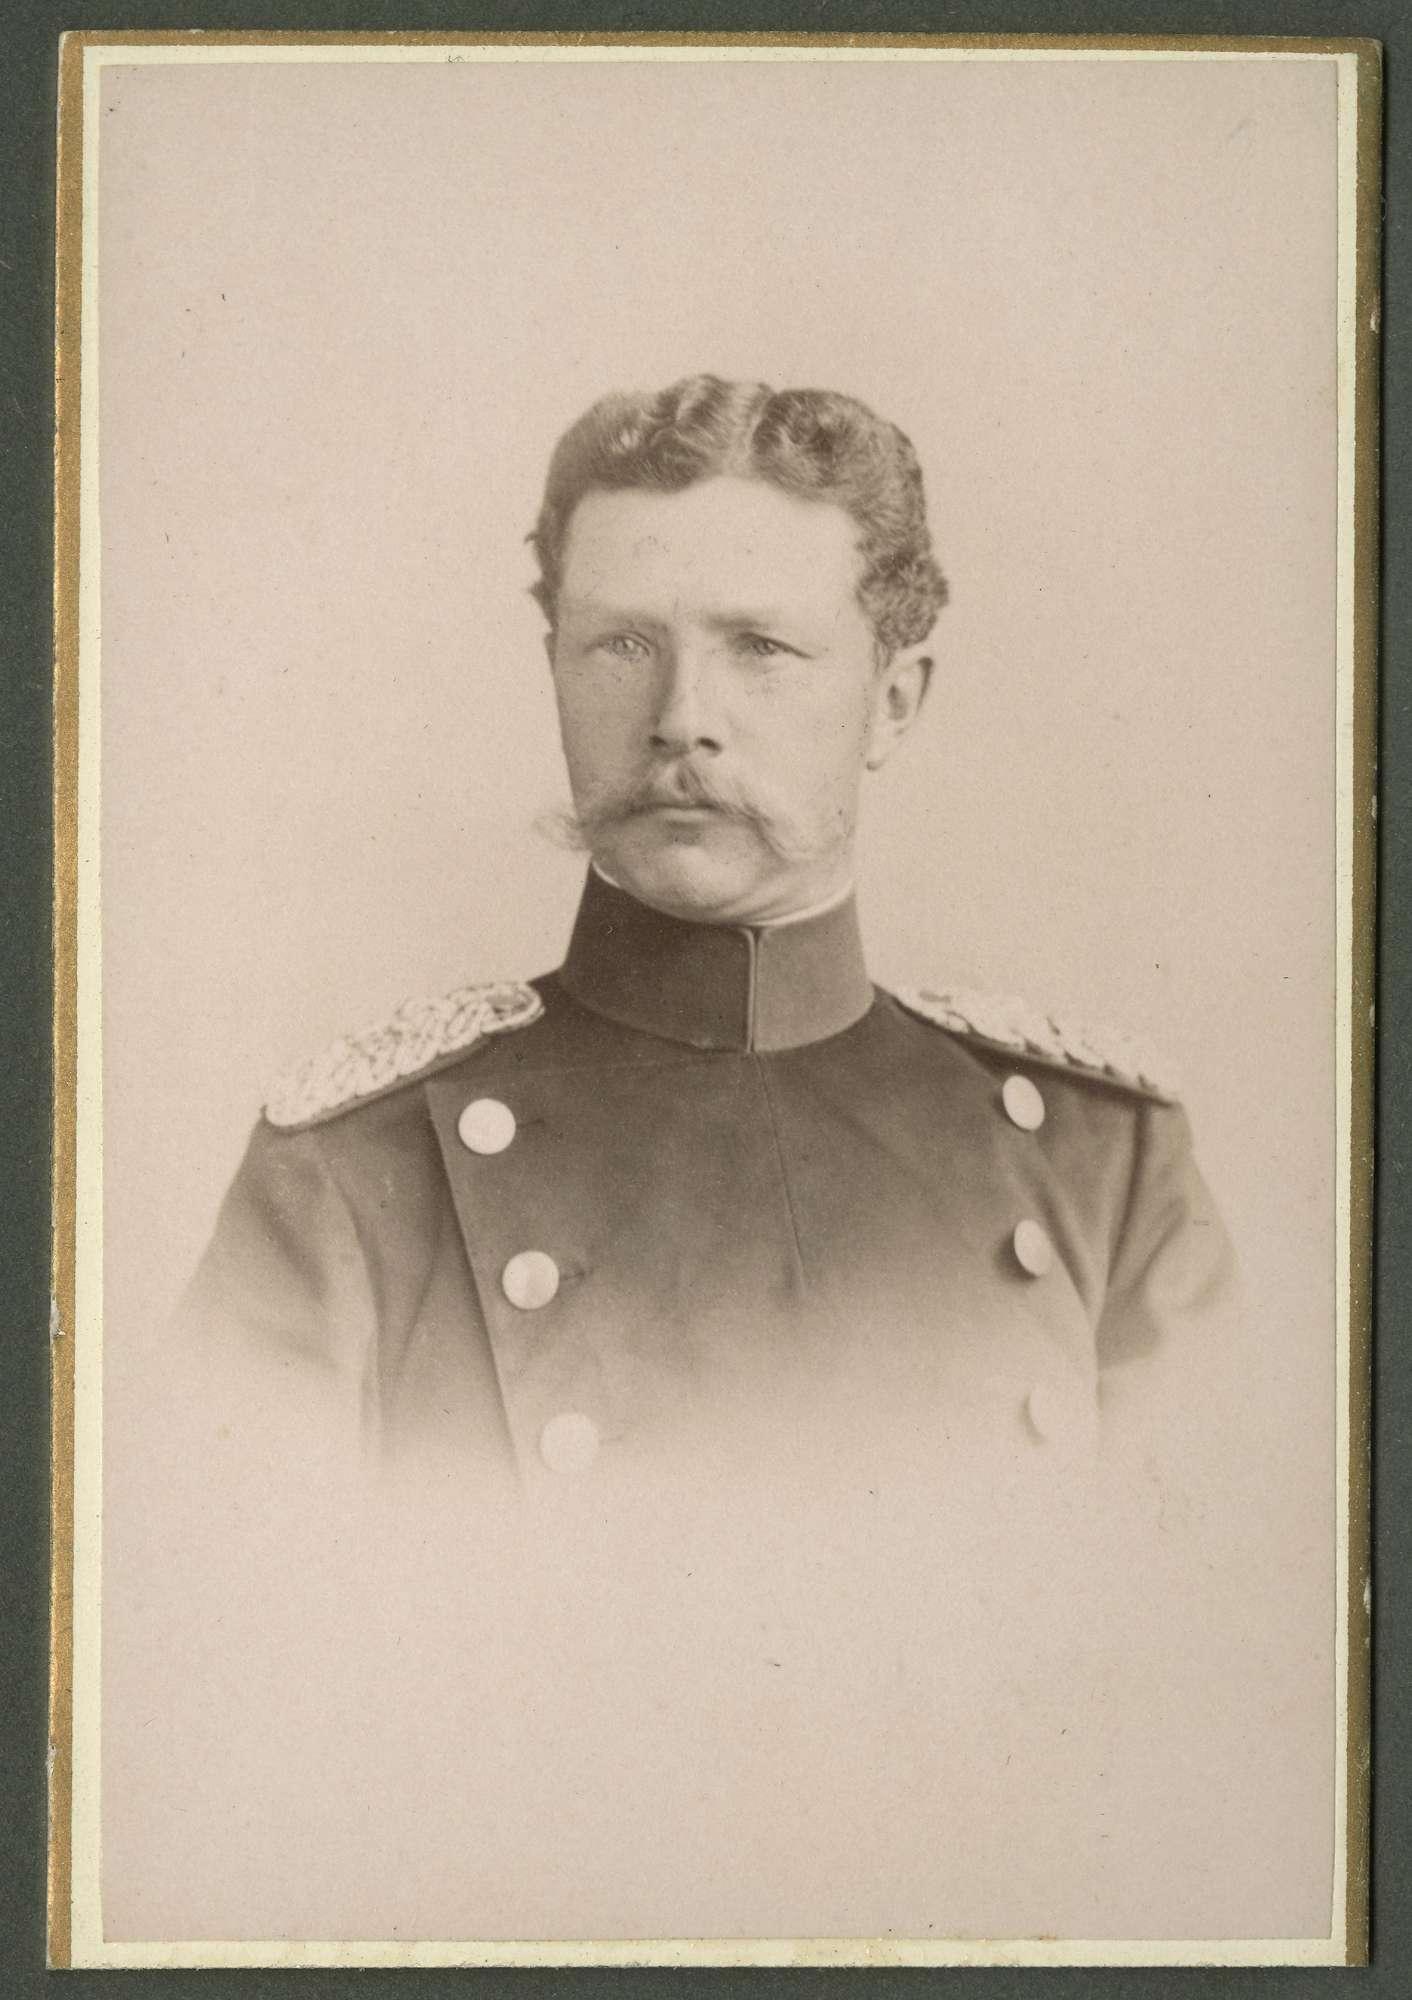 Knoerzer, Guido von, Bild 2